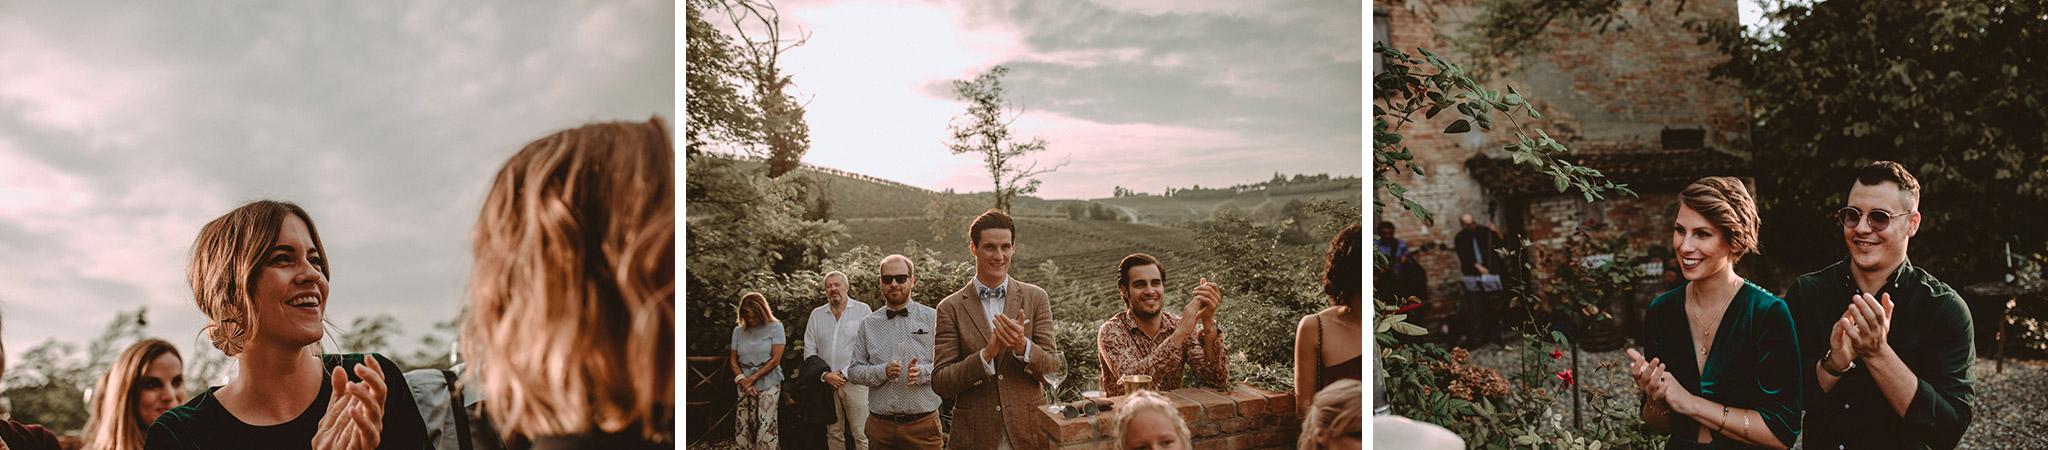 Best_Wedding_Photographer_Italy_05